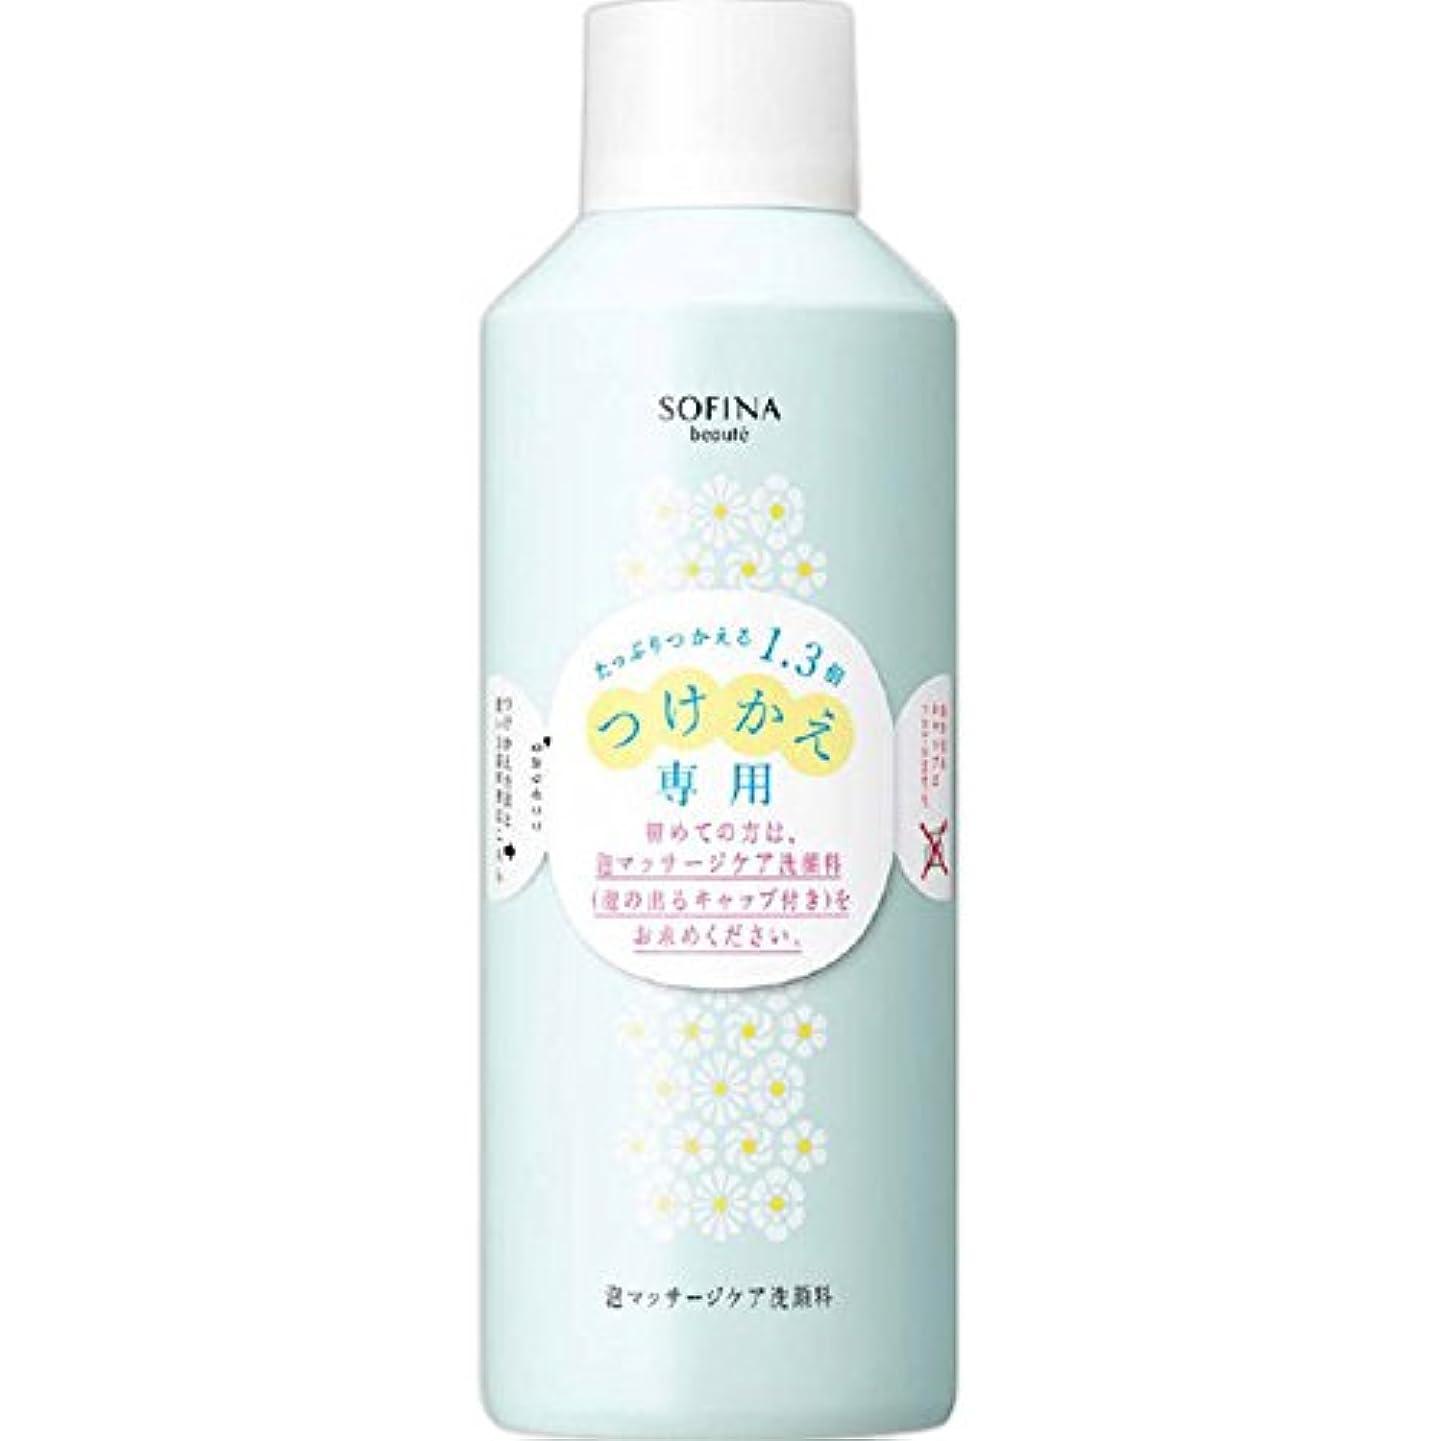 仕出しますクライマックス次へ花王ソフィーナ ボーテ 泡マッサージケア洗顔料 つけかえ専用230g